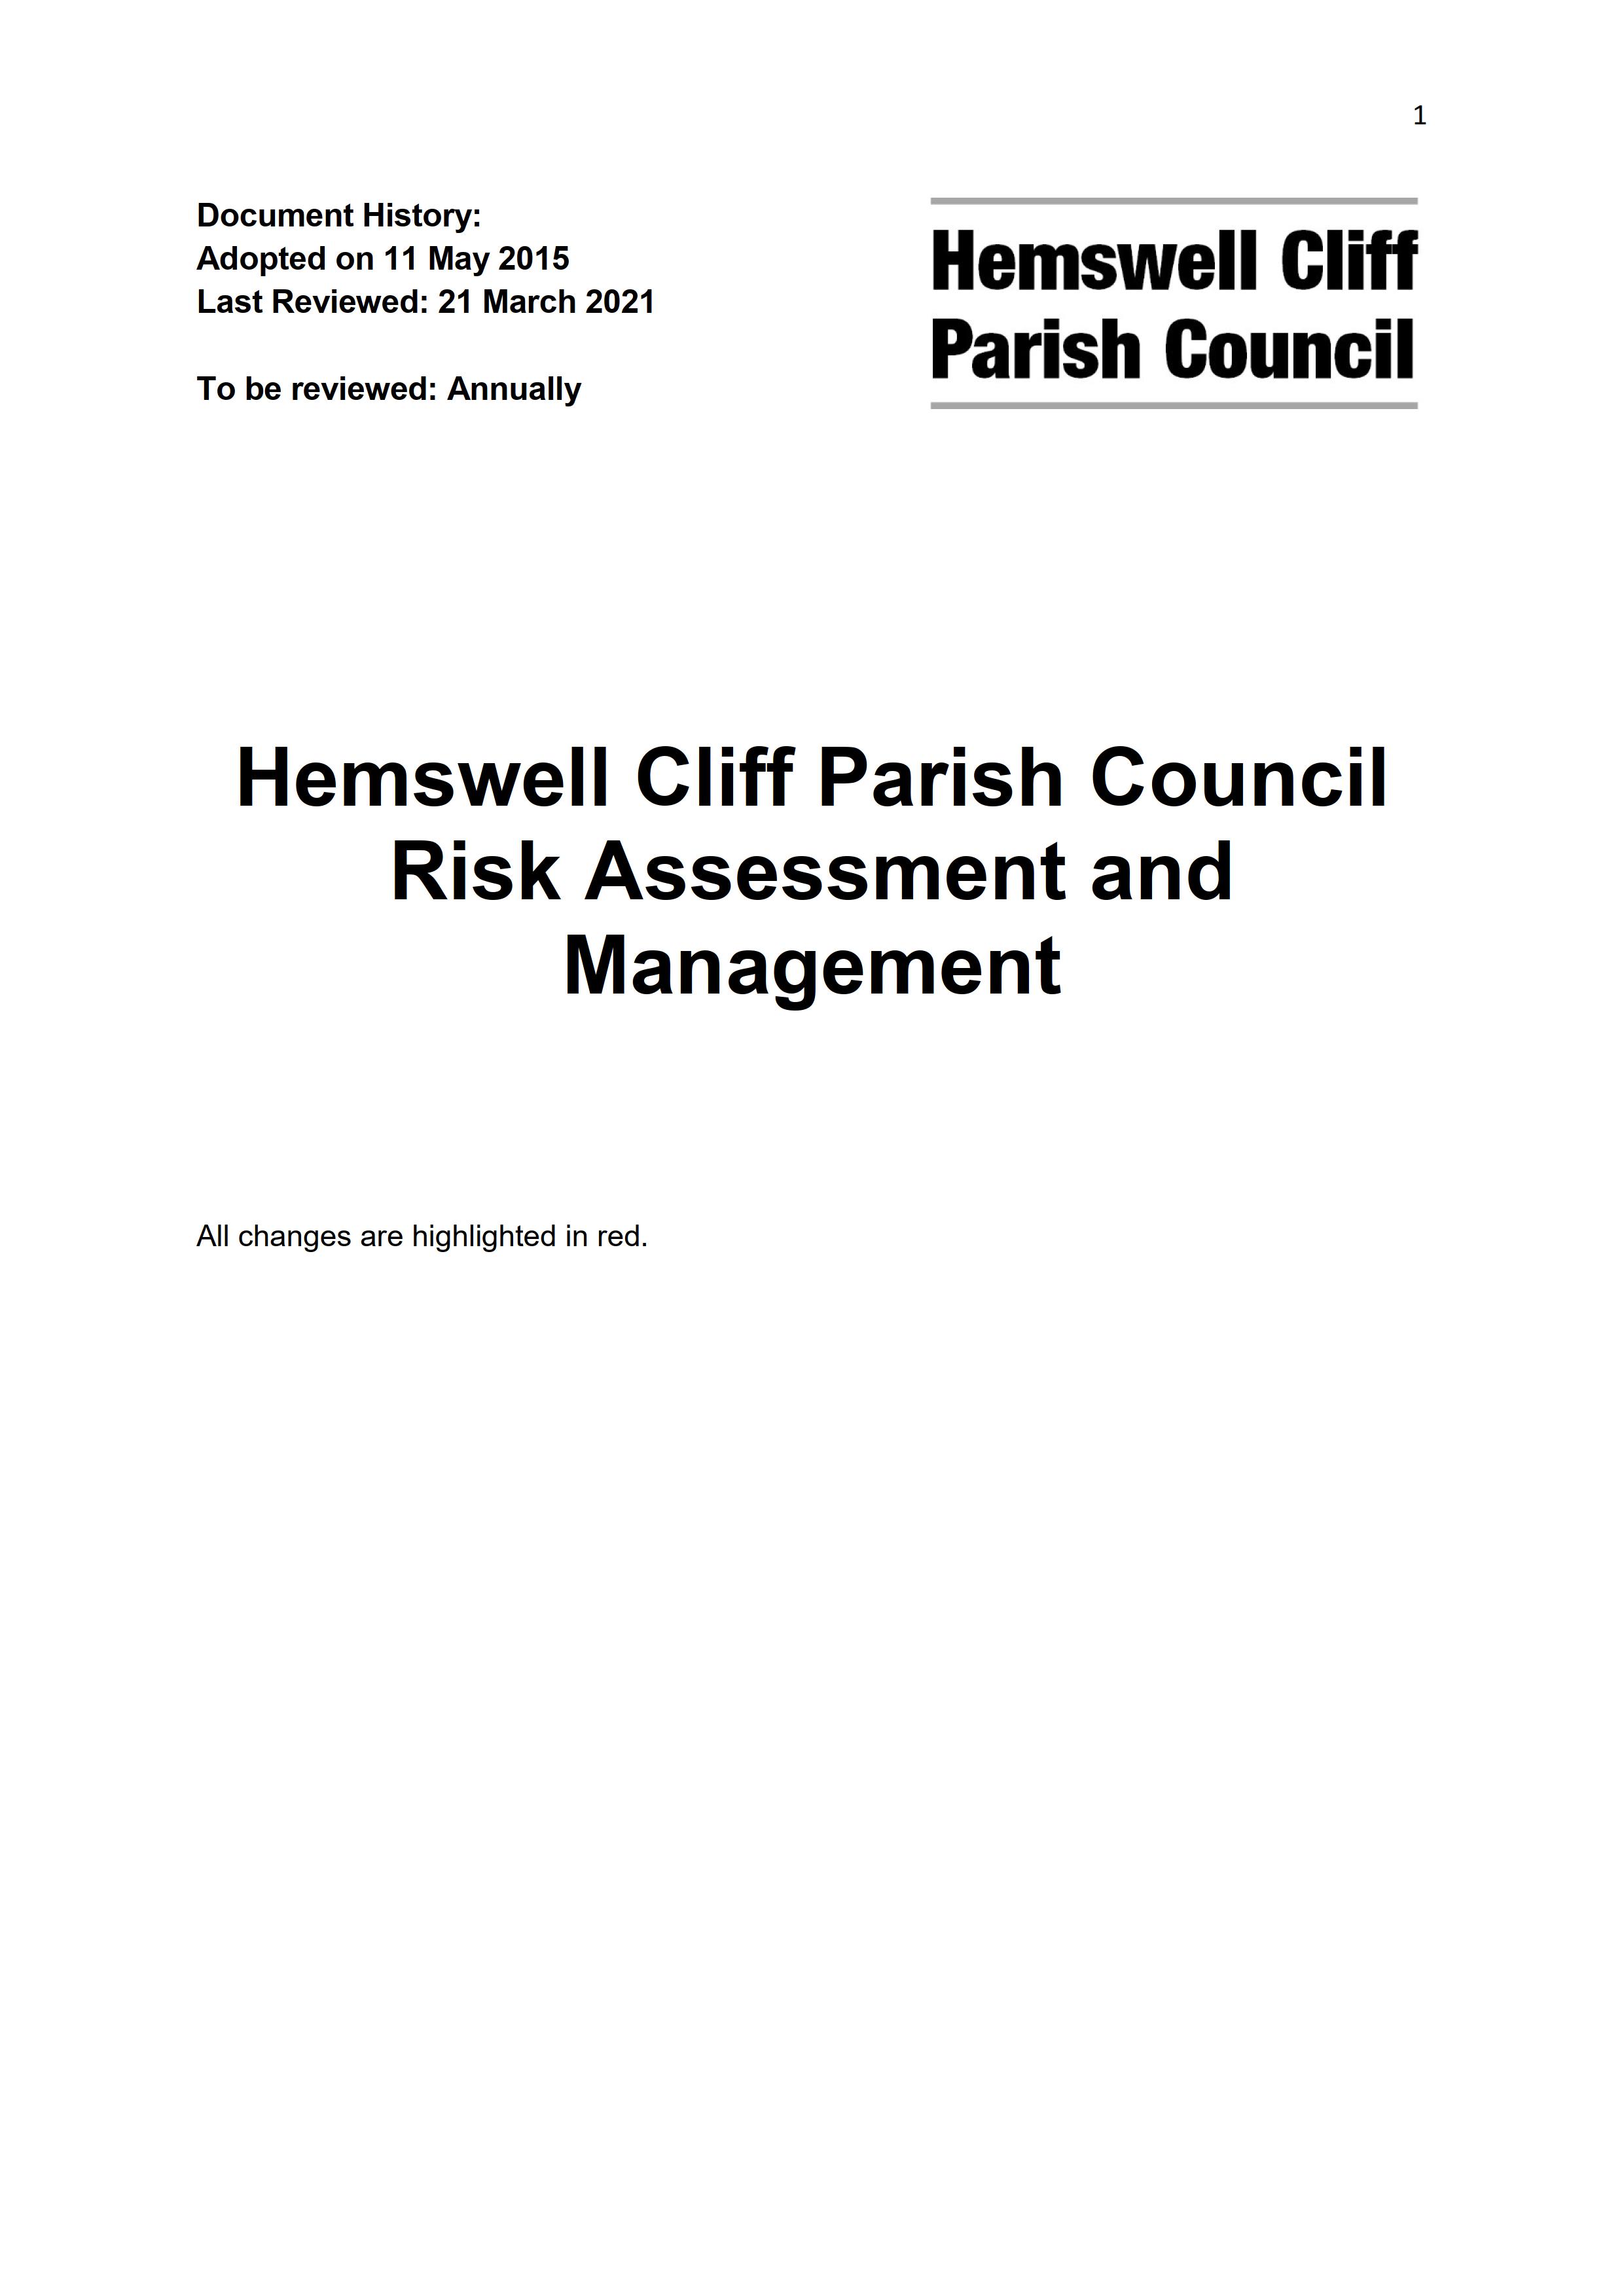 Item_17_2021HCPC.Risk_Management_1.png